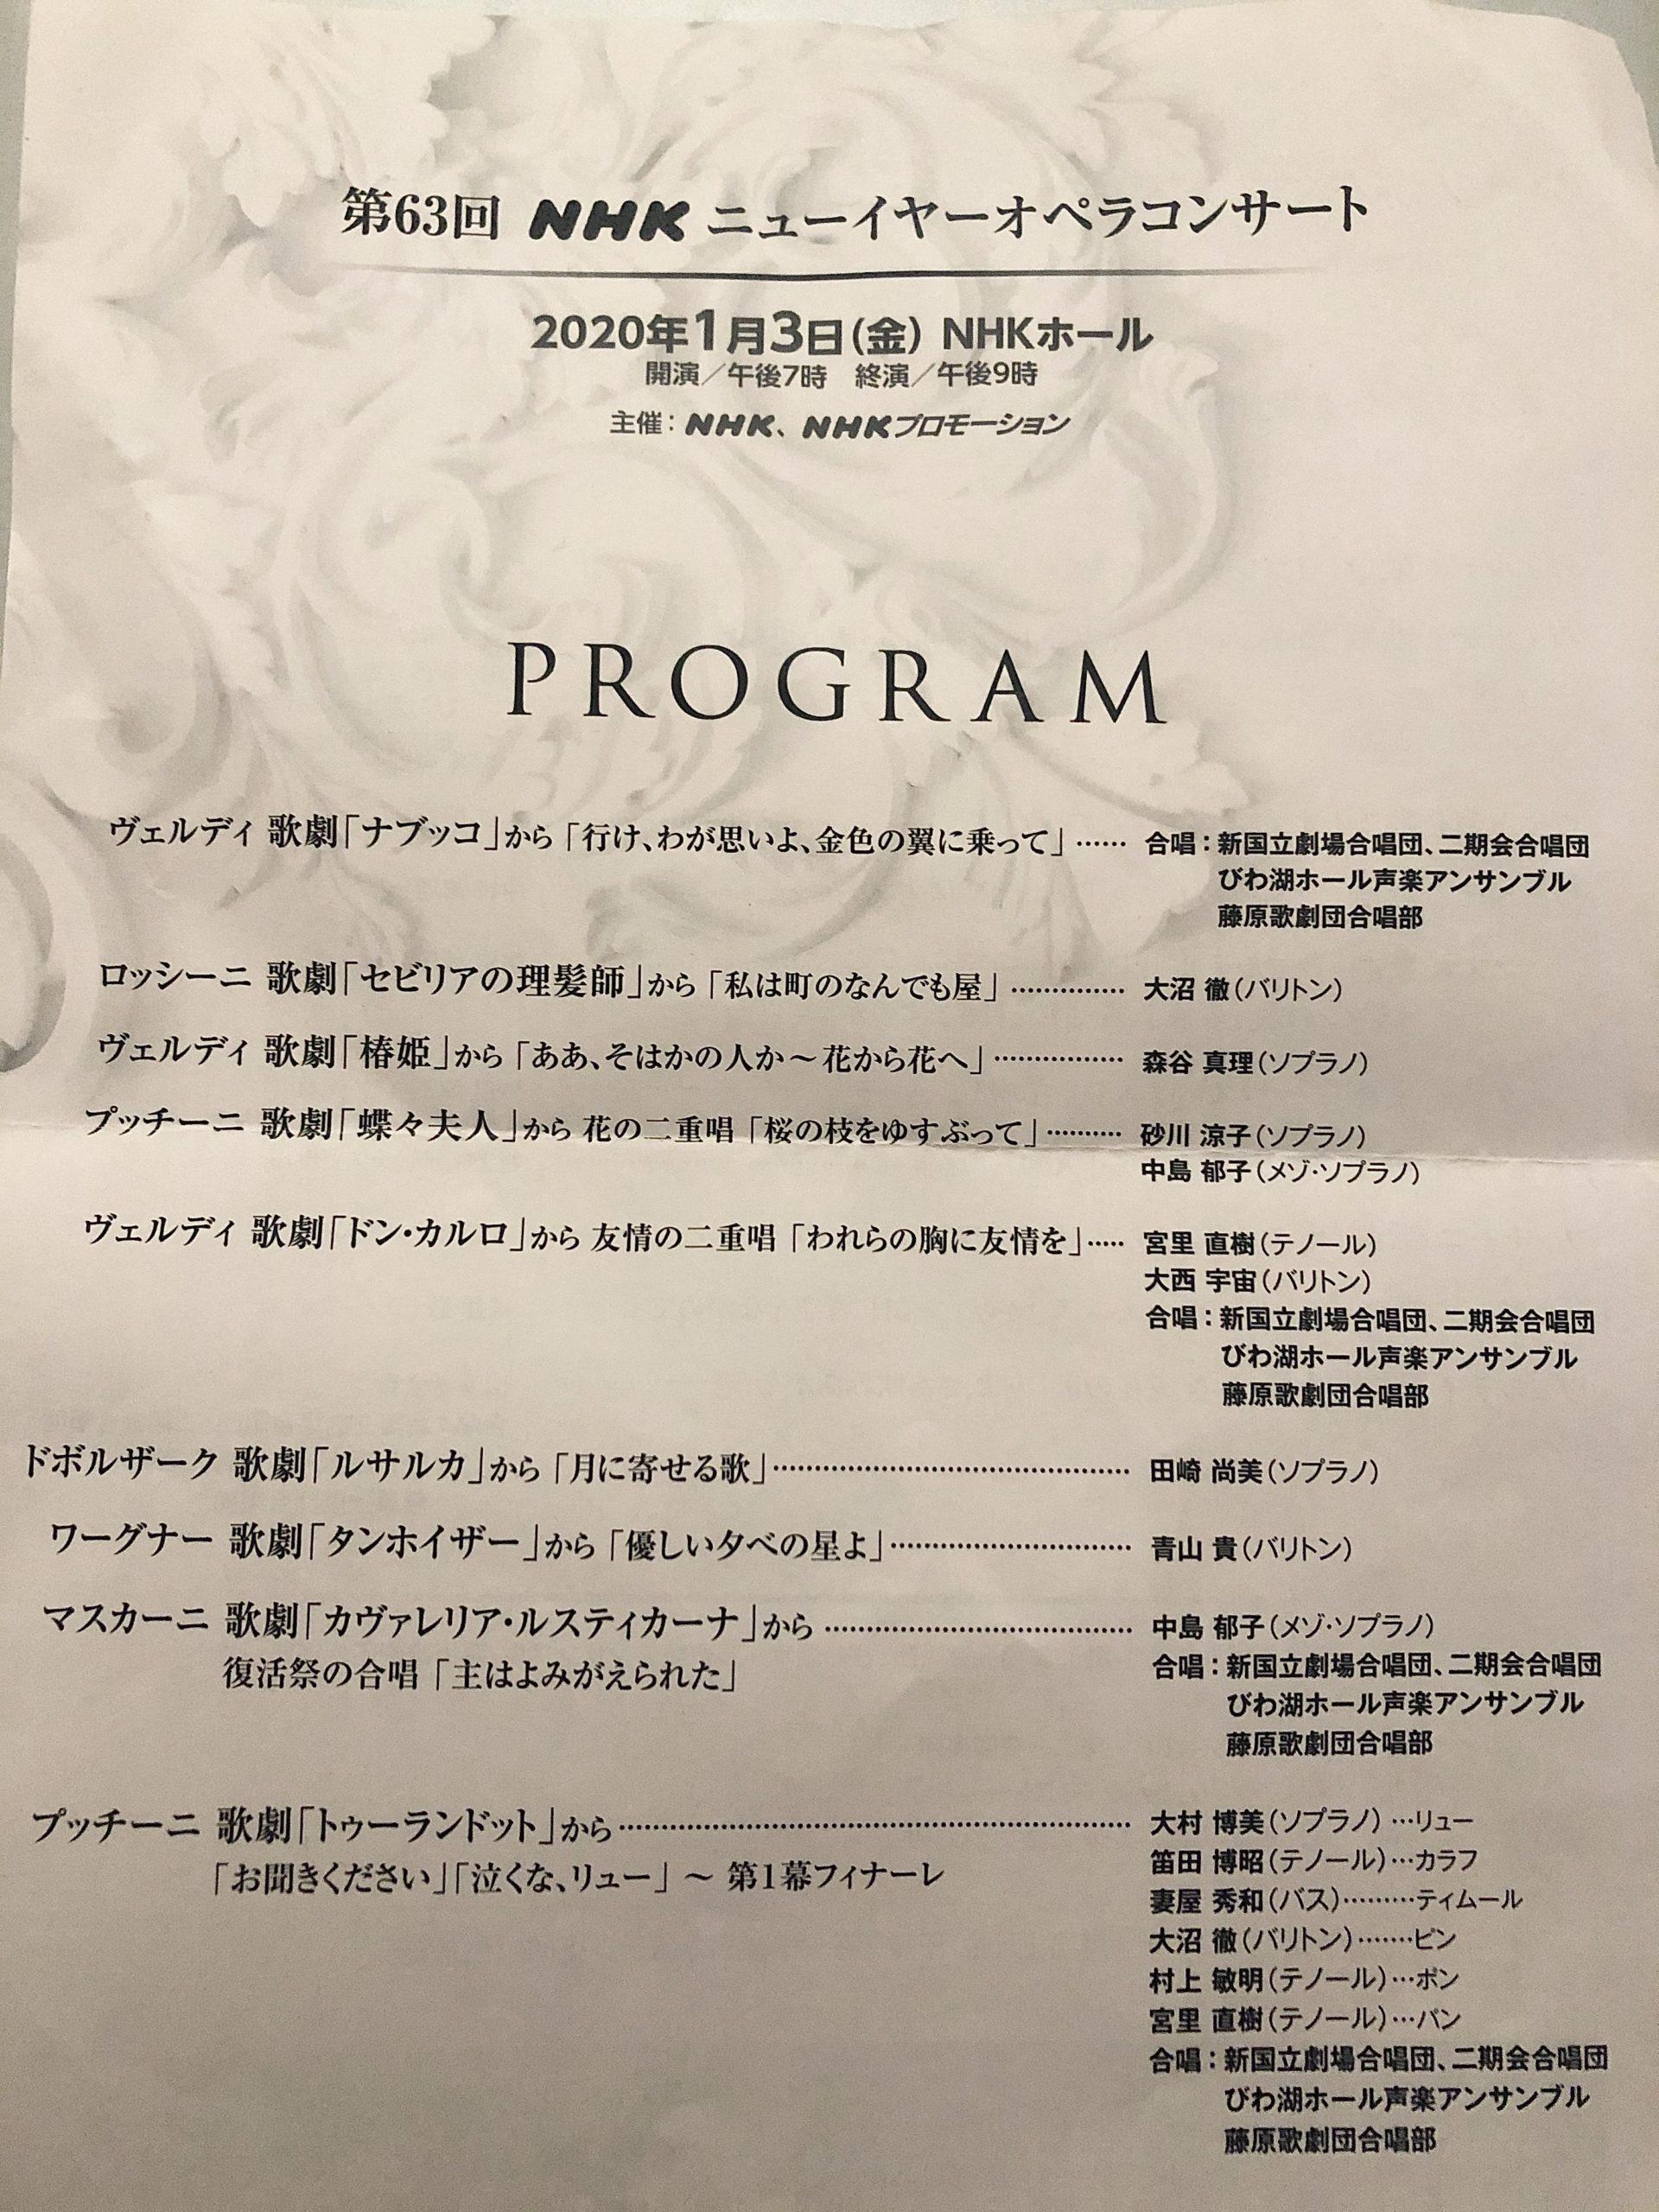 ニューイヤーオペラコンサート プログラム